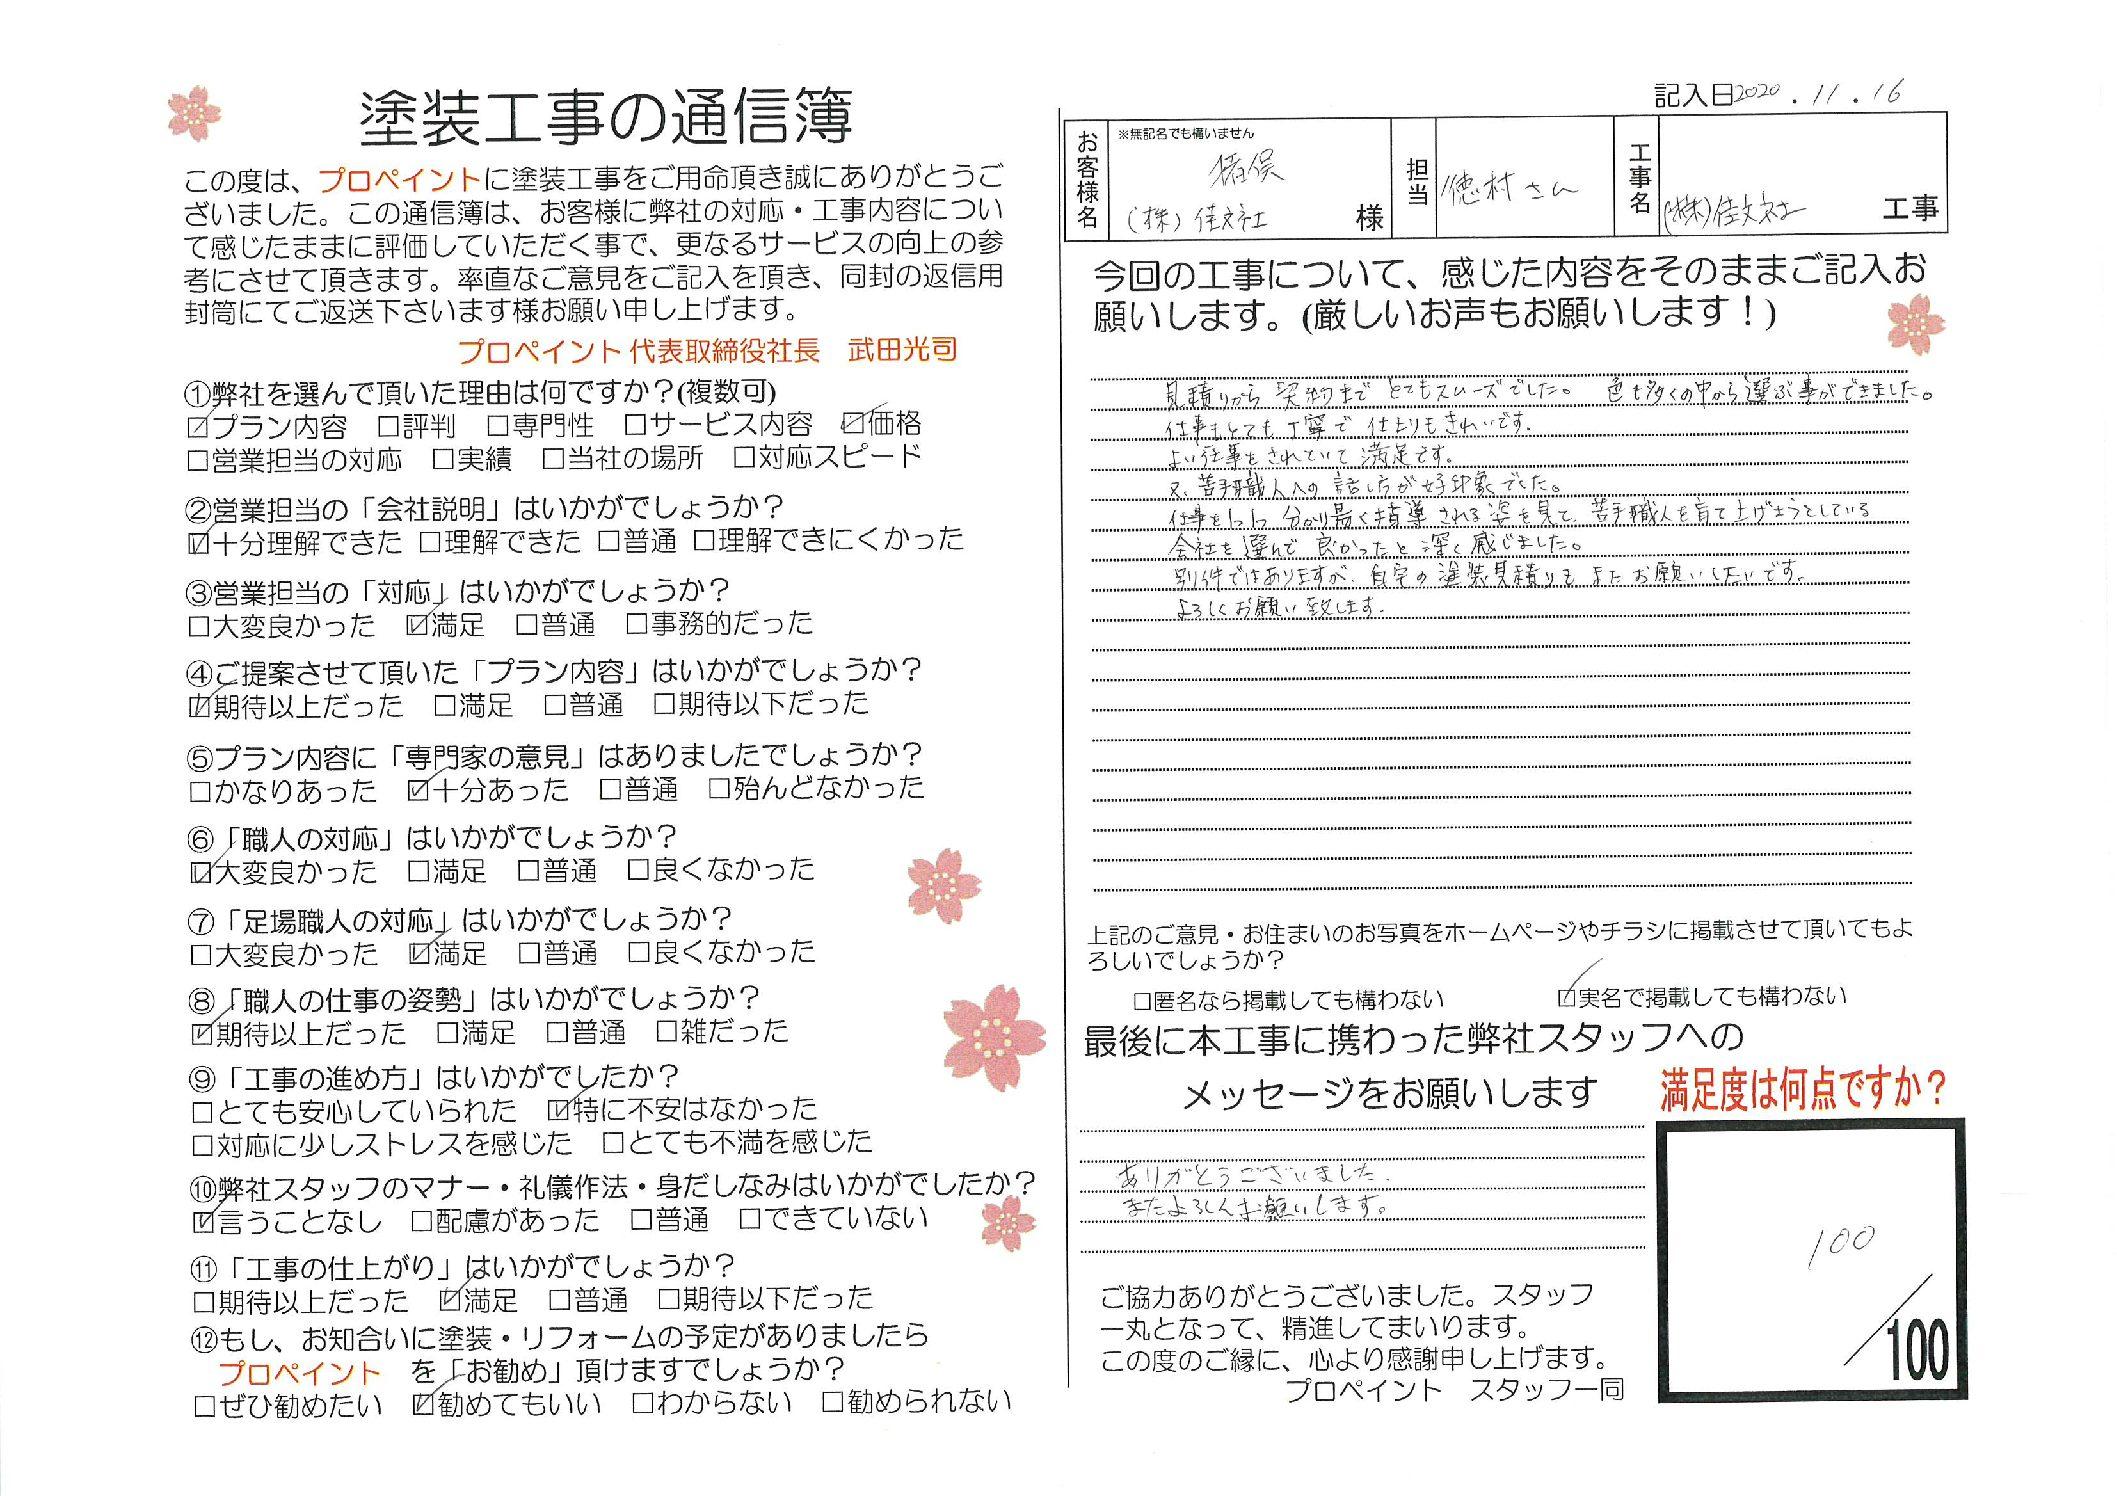 埼玉県戸田市/外壁塗装、屋根塗装 株式会社佳文社 猪俣様